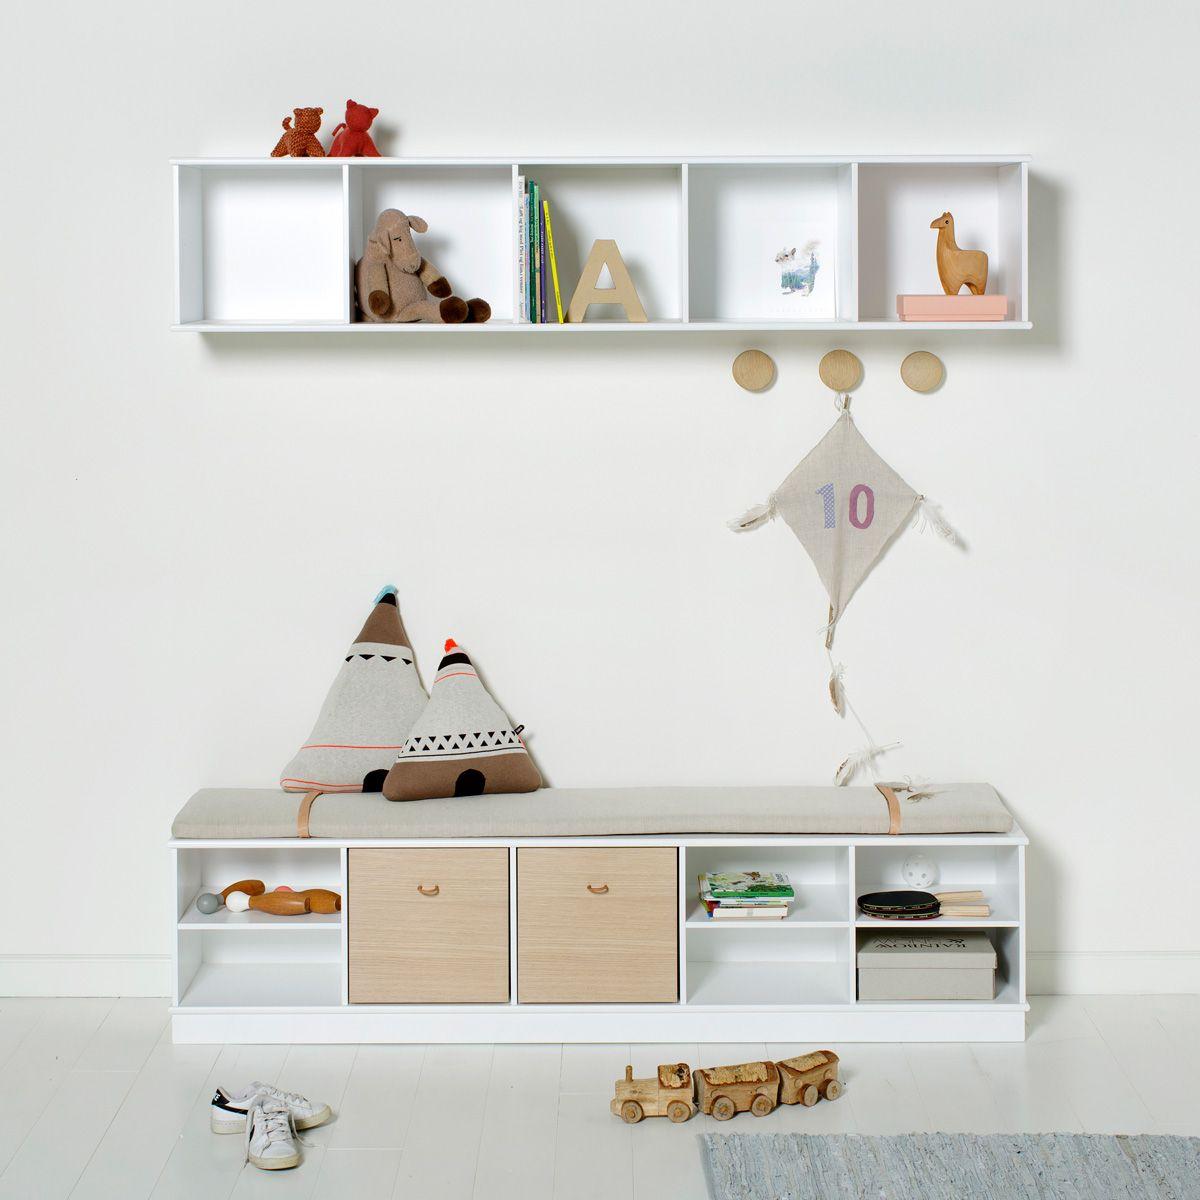 oliver furniture kids_shelving